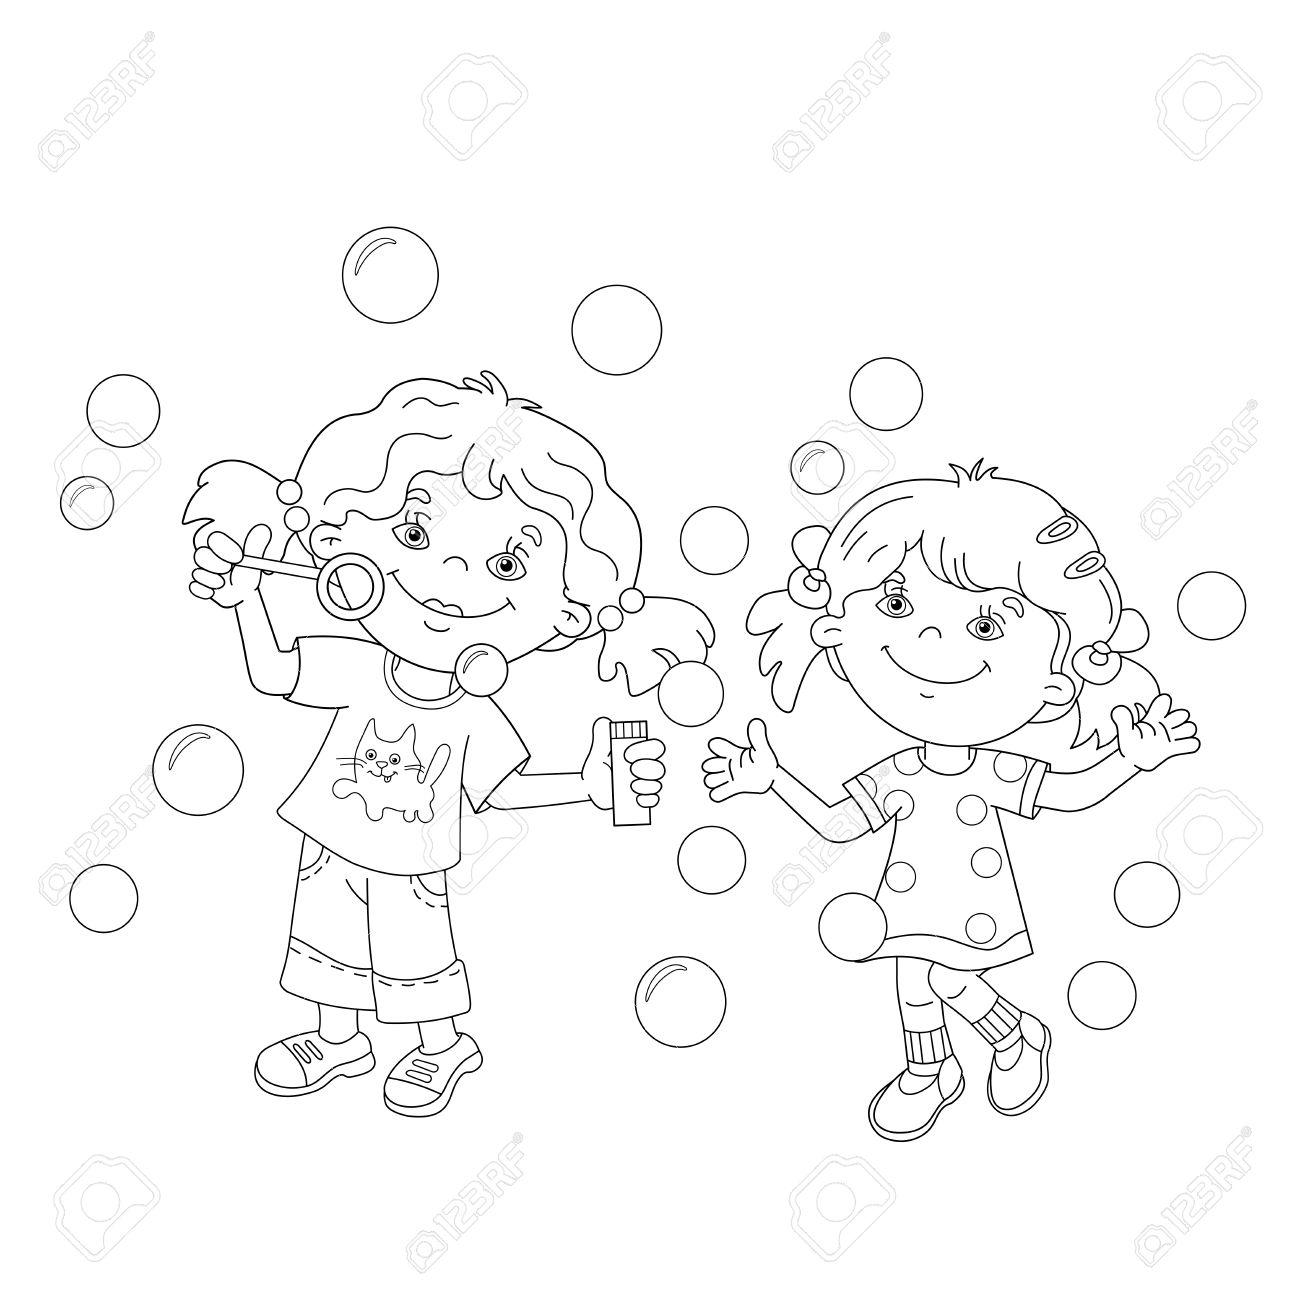 ぬりえページ概要の漫画の女の子一緒にシャボン玉を吹いています子供の